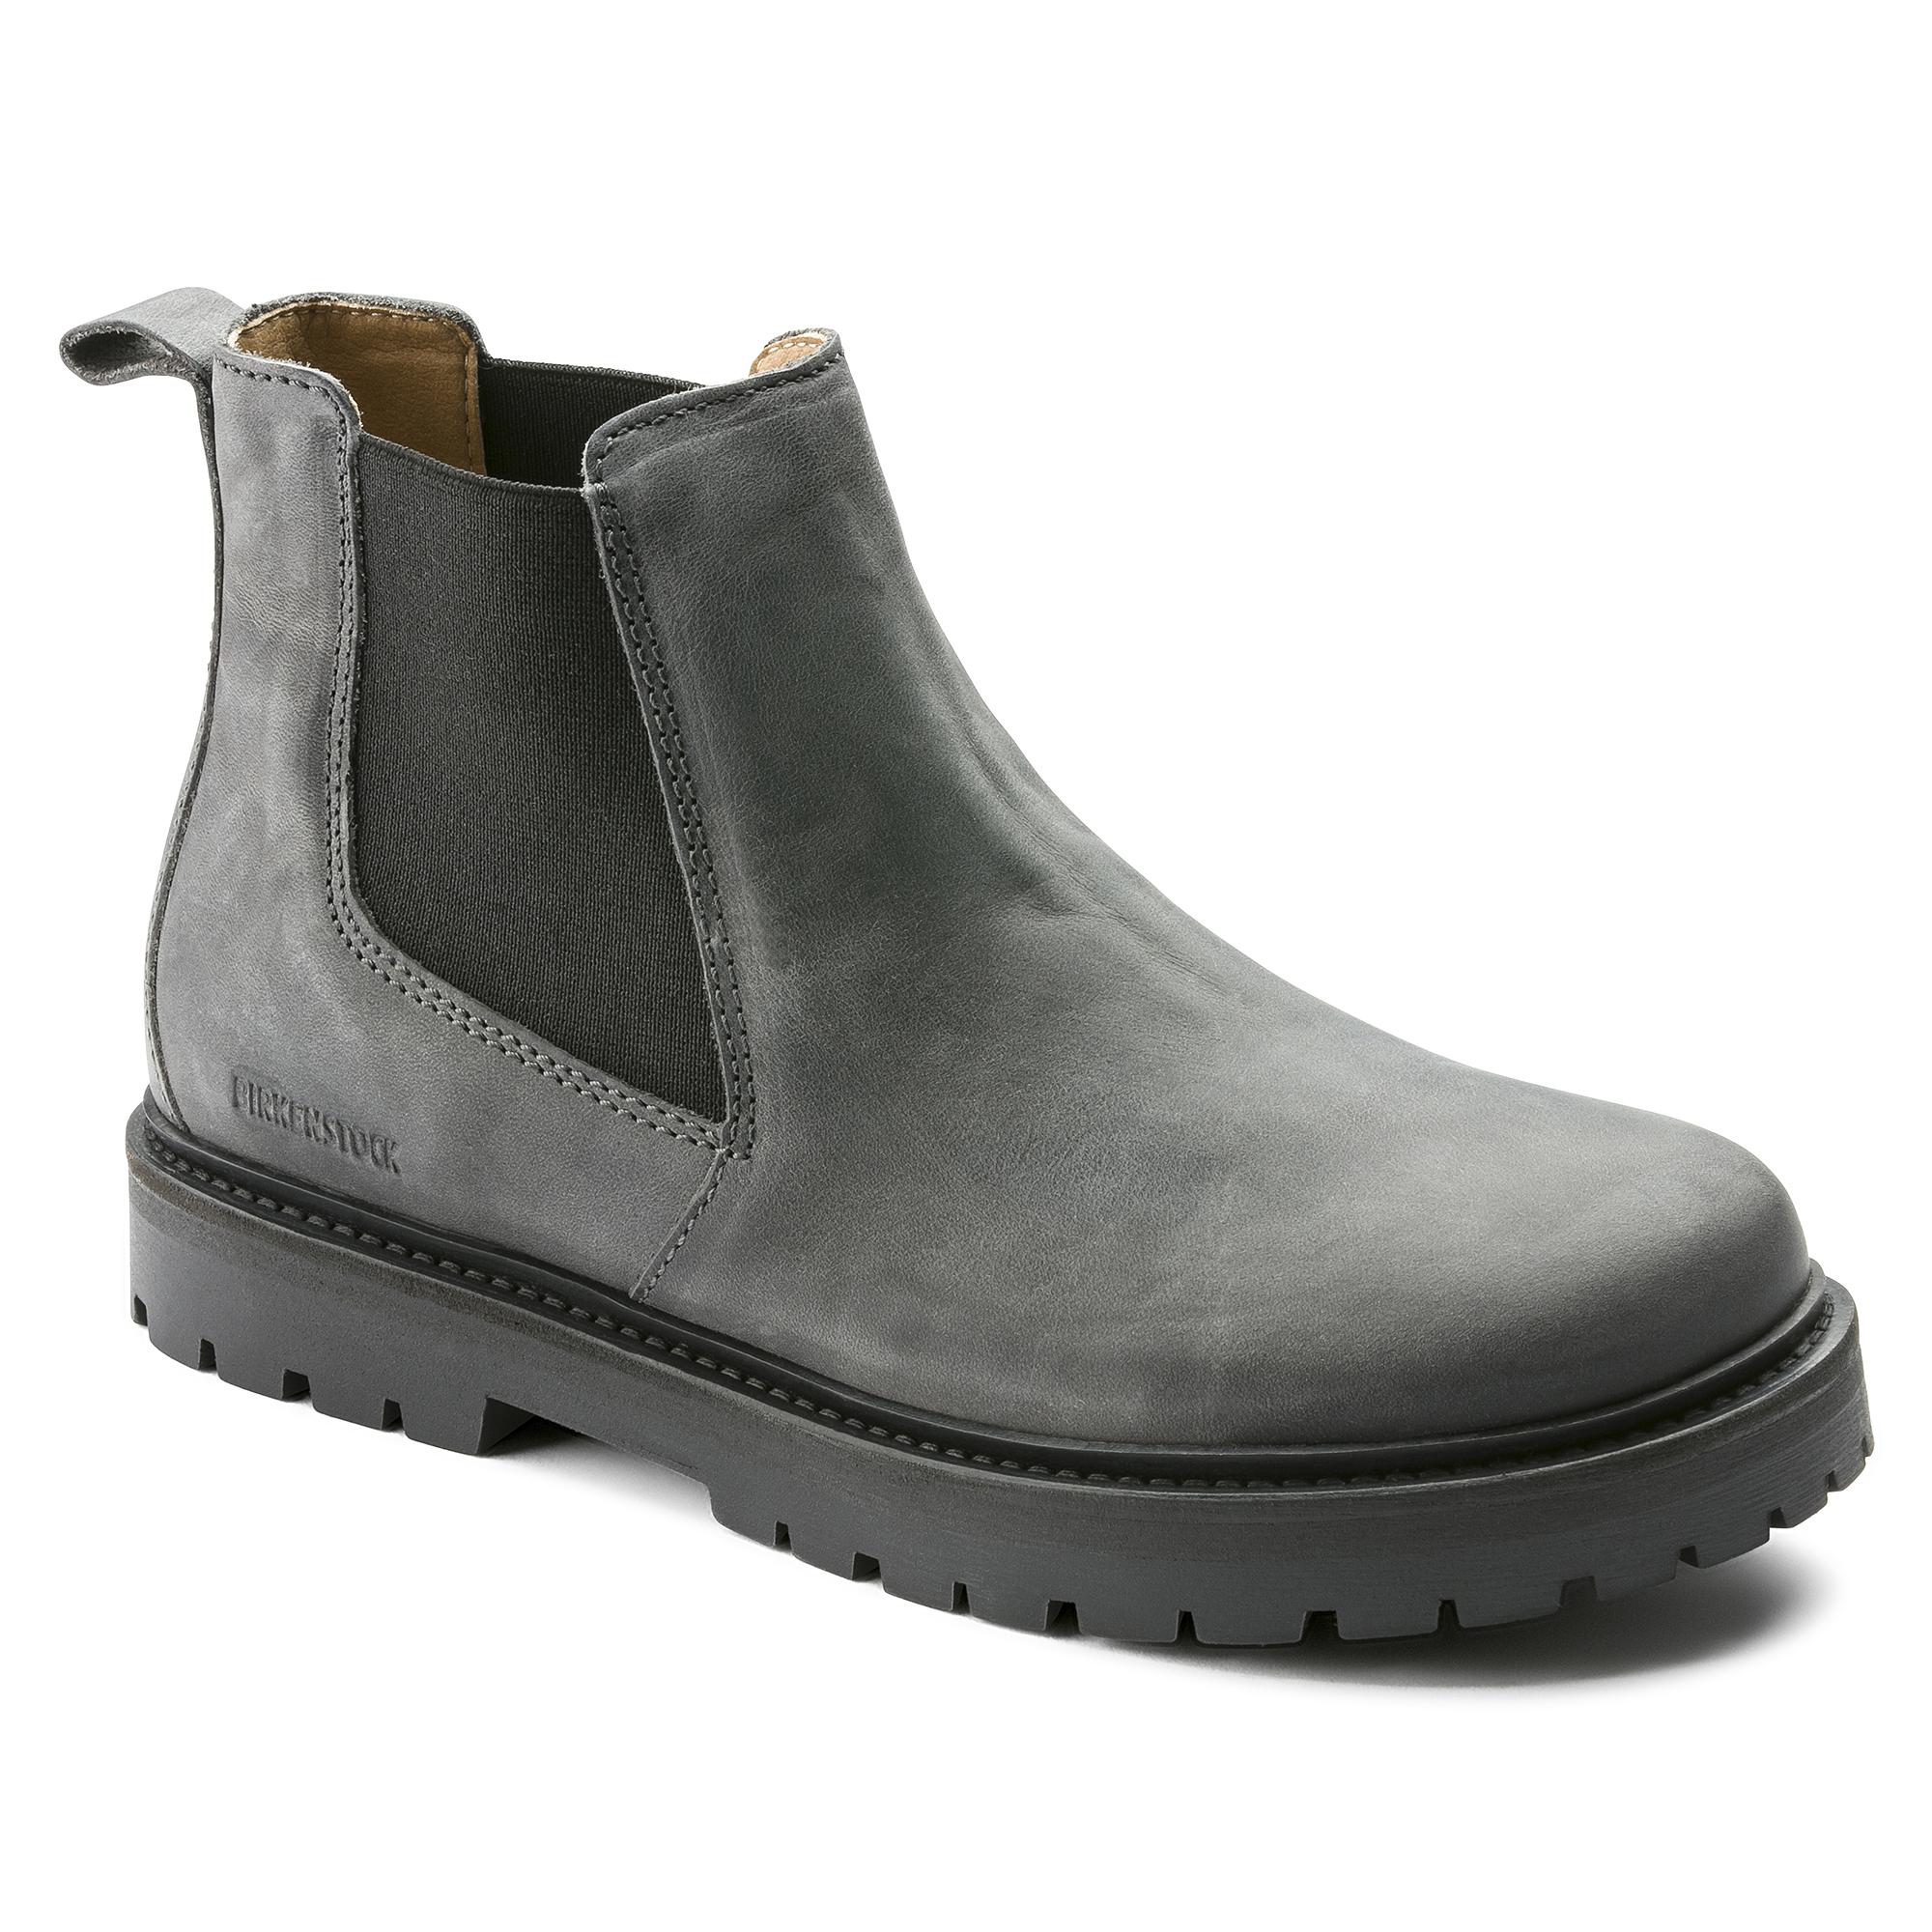 15a44bae4a9 Stalon Nubuck Leather Graphite